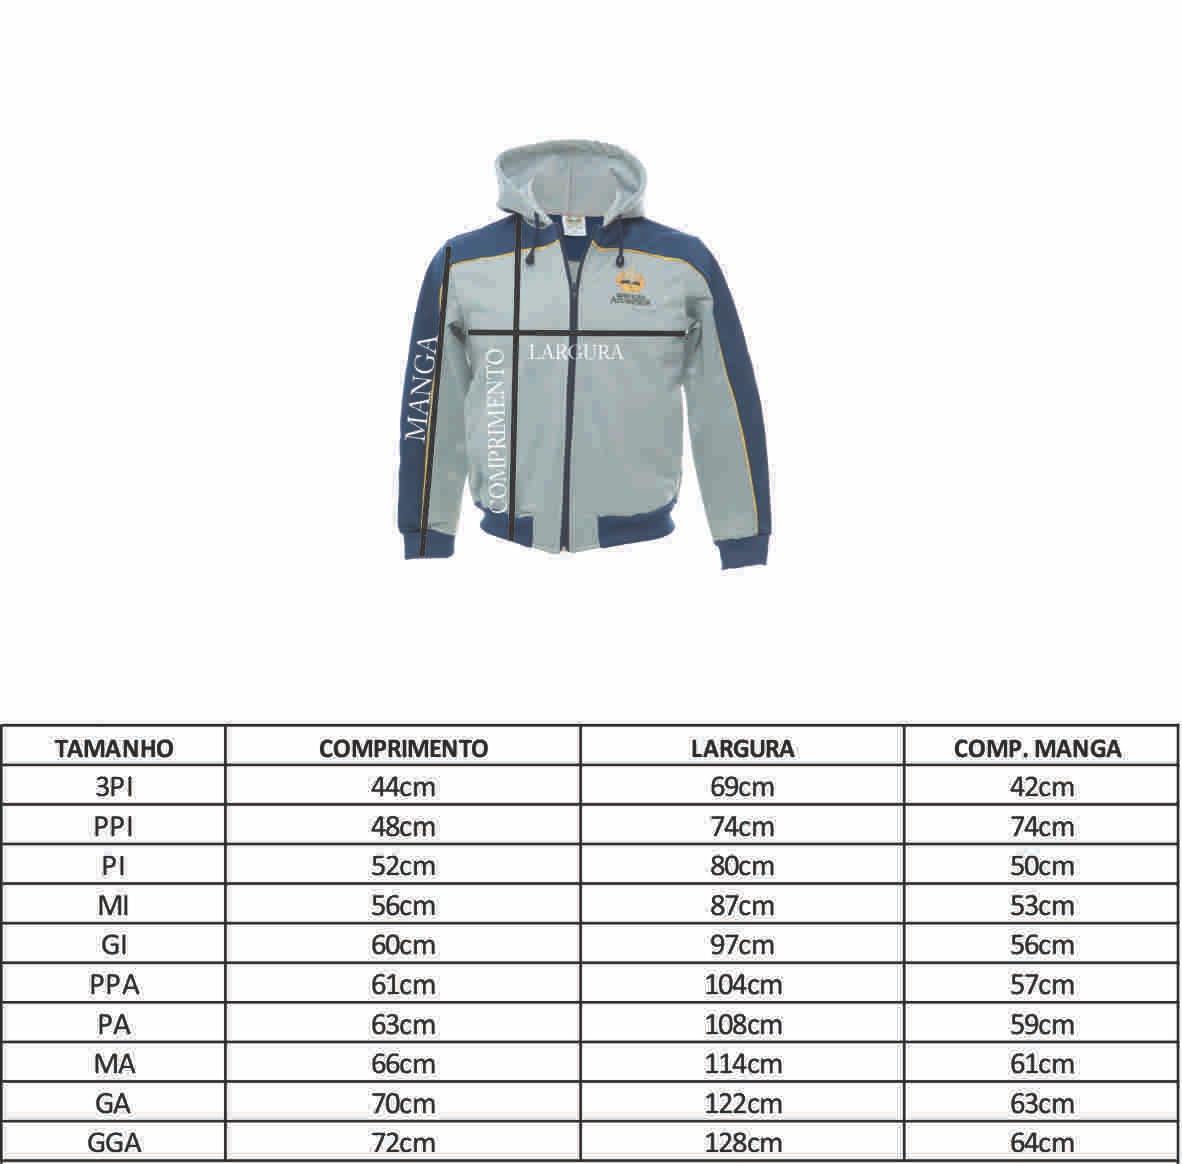 Blusa de Moleton C/ Capuz - PPA (38)